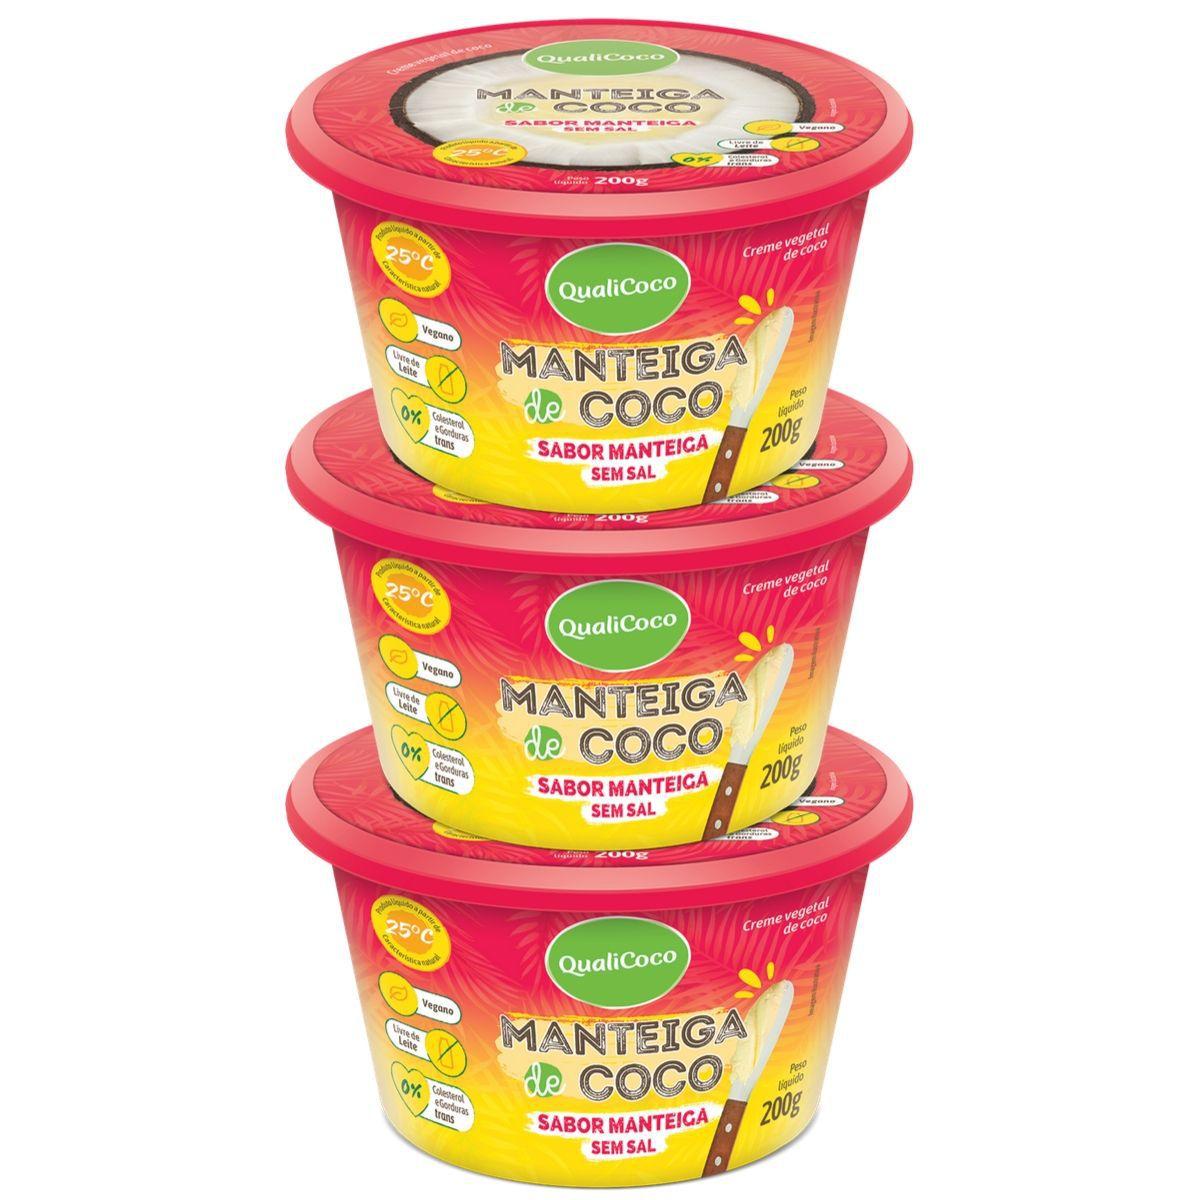 Kit 3 Manteigas De Coco Sem Sal Sabor Manteiga 200g - QualiCôco